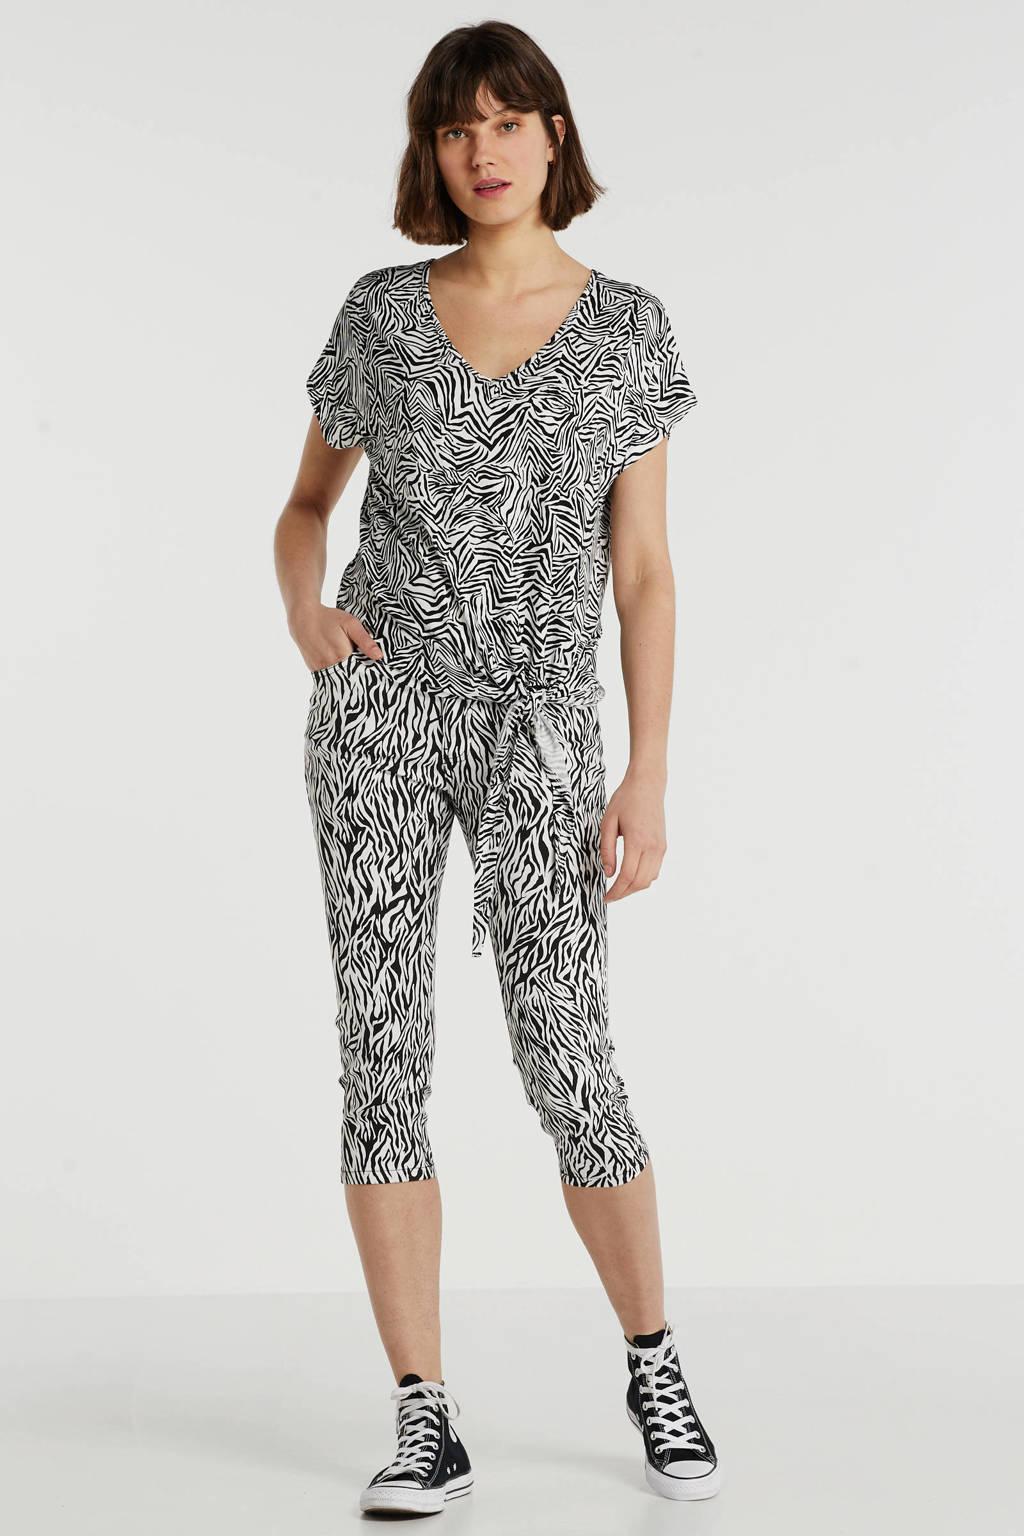 anytime top met knoop detail en zebraprint zwart/ecru, Zwart/ecru